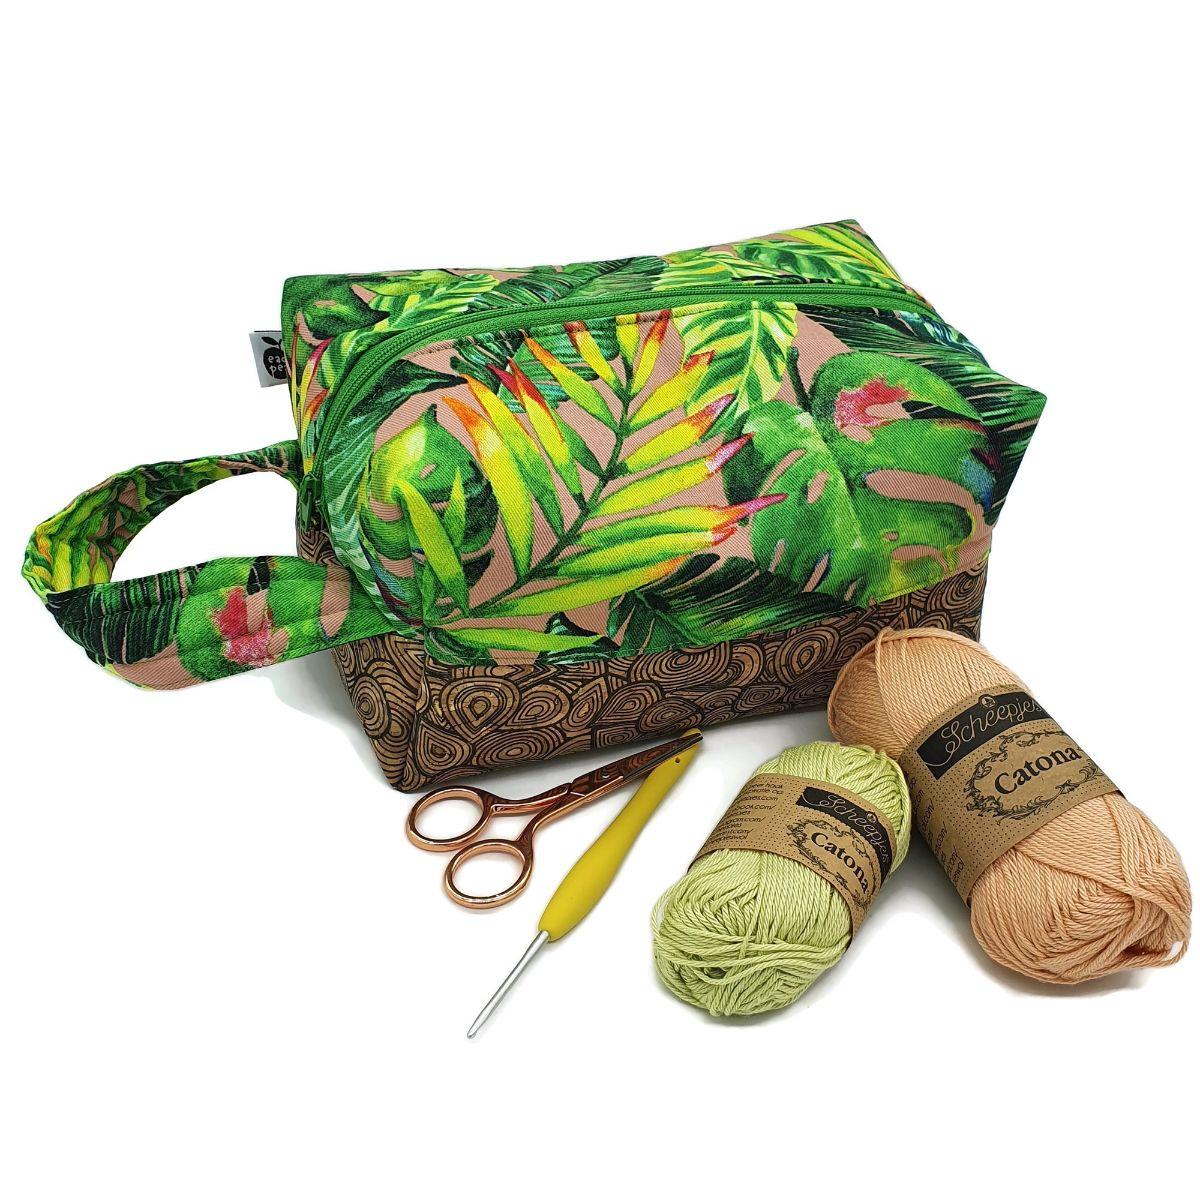 Tropical Knitting Bag